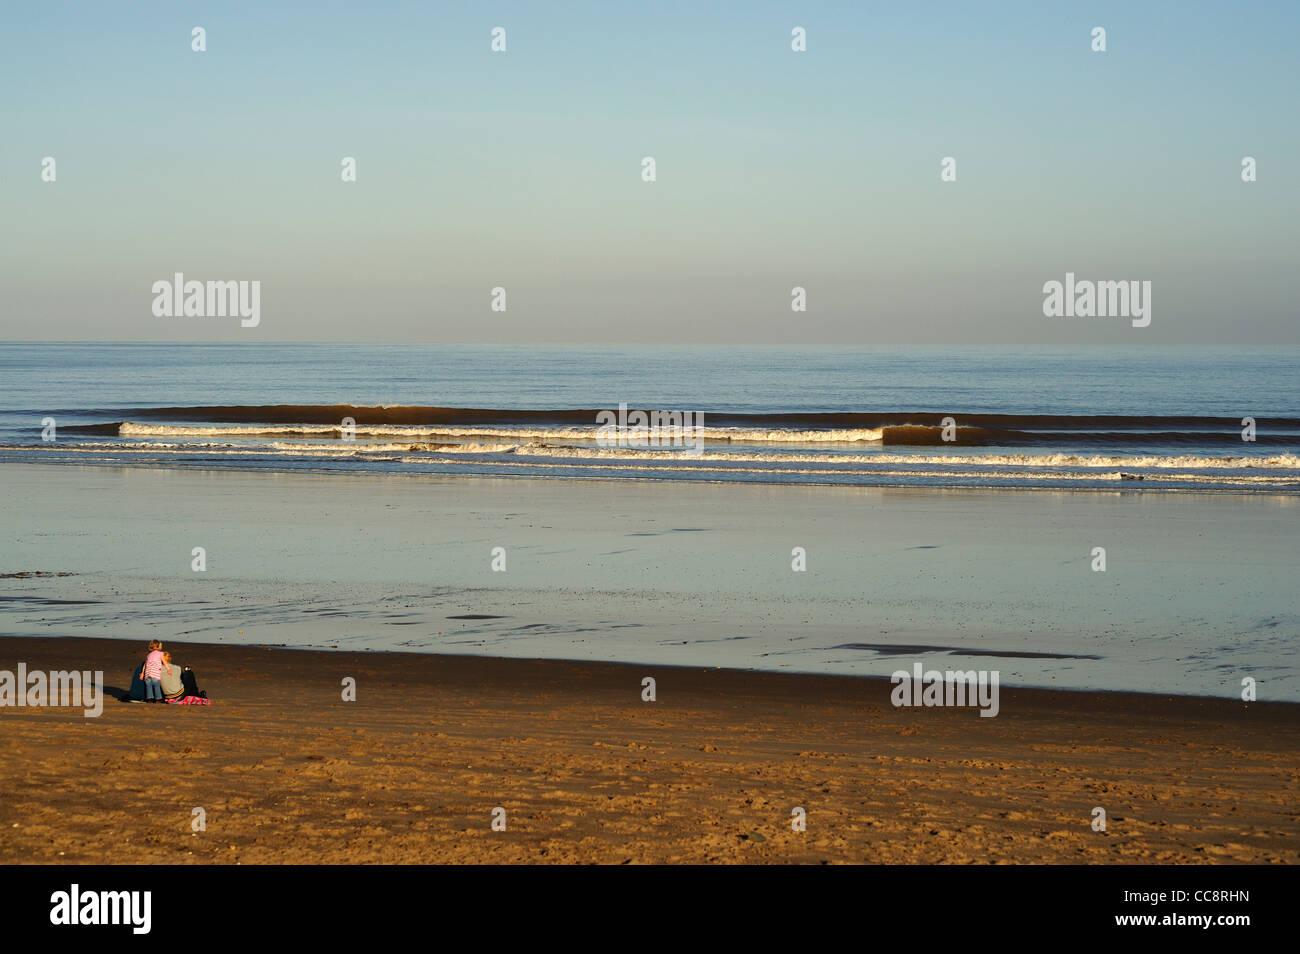 Sutton on Sea, Lincolnshire - Stock Image